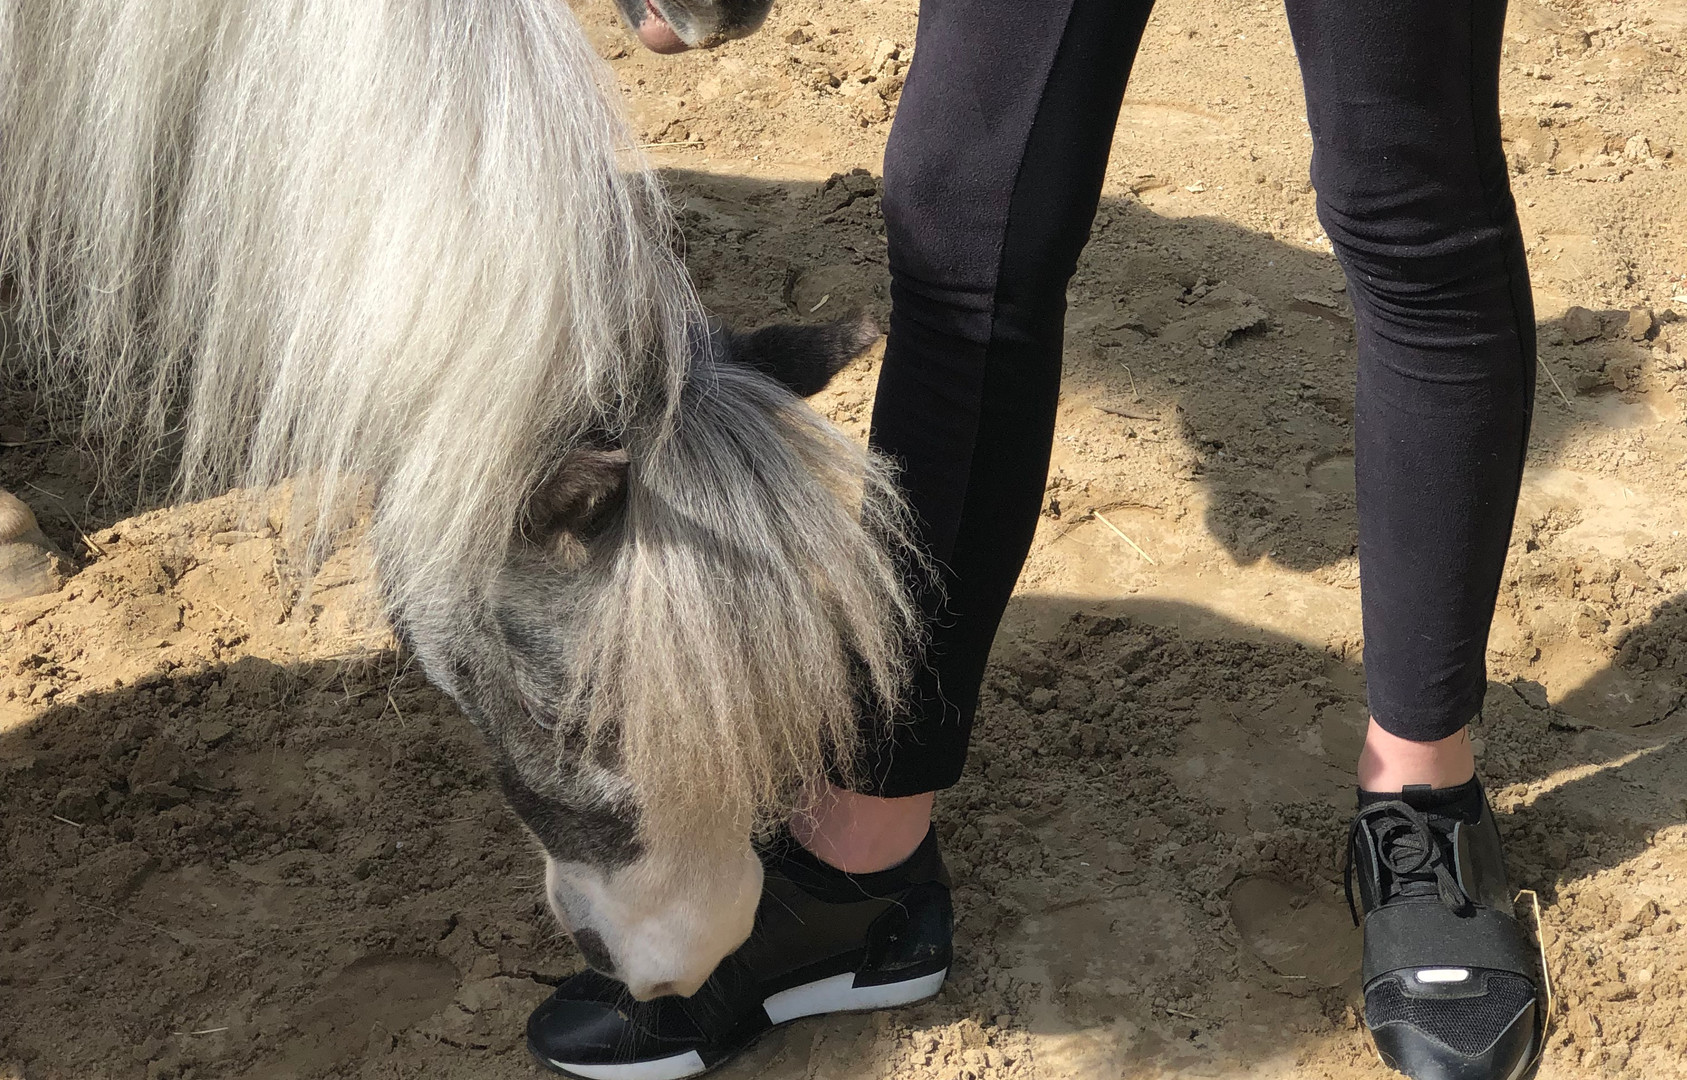 hoe stevig sta jij in je schoenen?